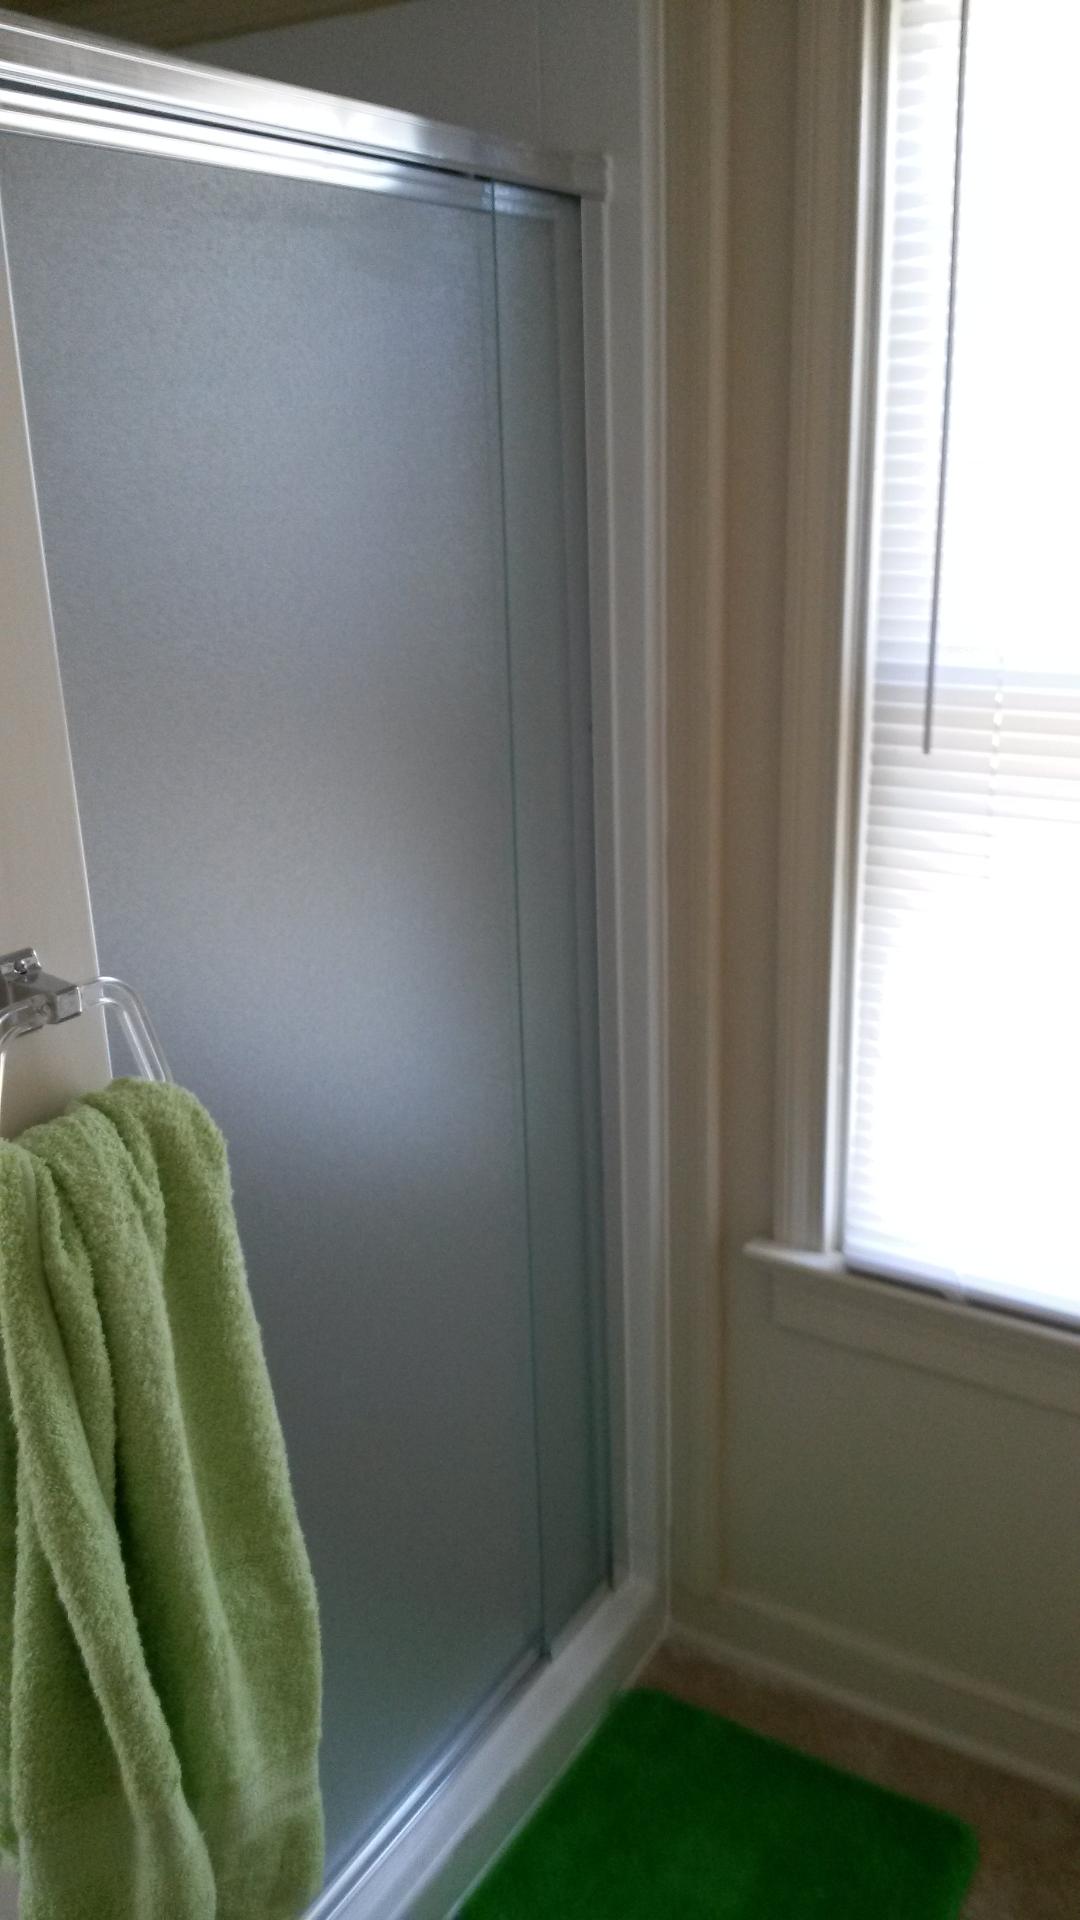 Bedroom to Bathroom shower door_edited.jpg